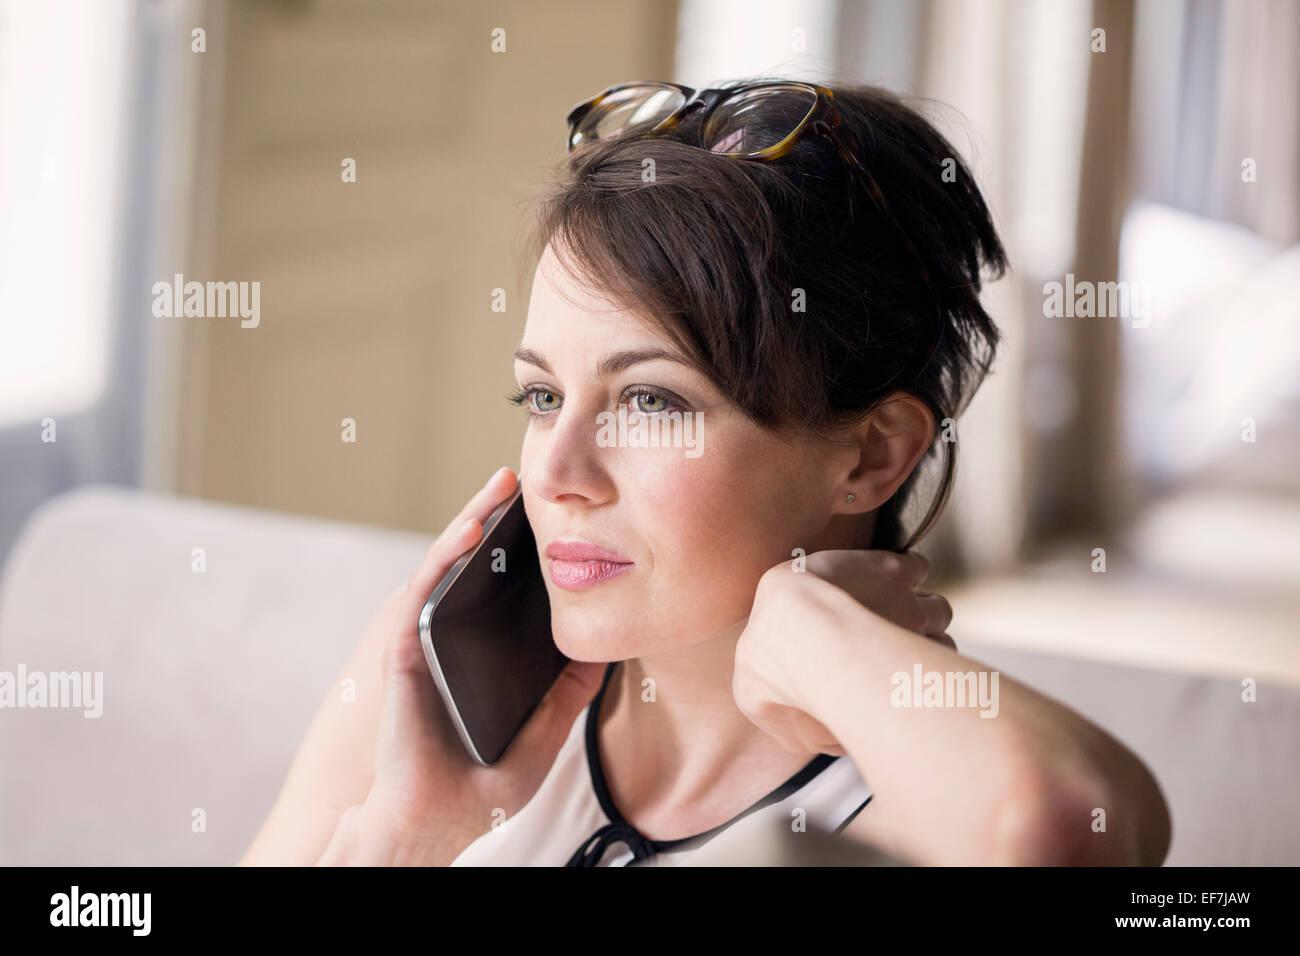 Bella mujer hablando por un teléfono móvil Imagen De Stock